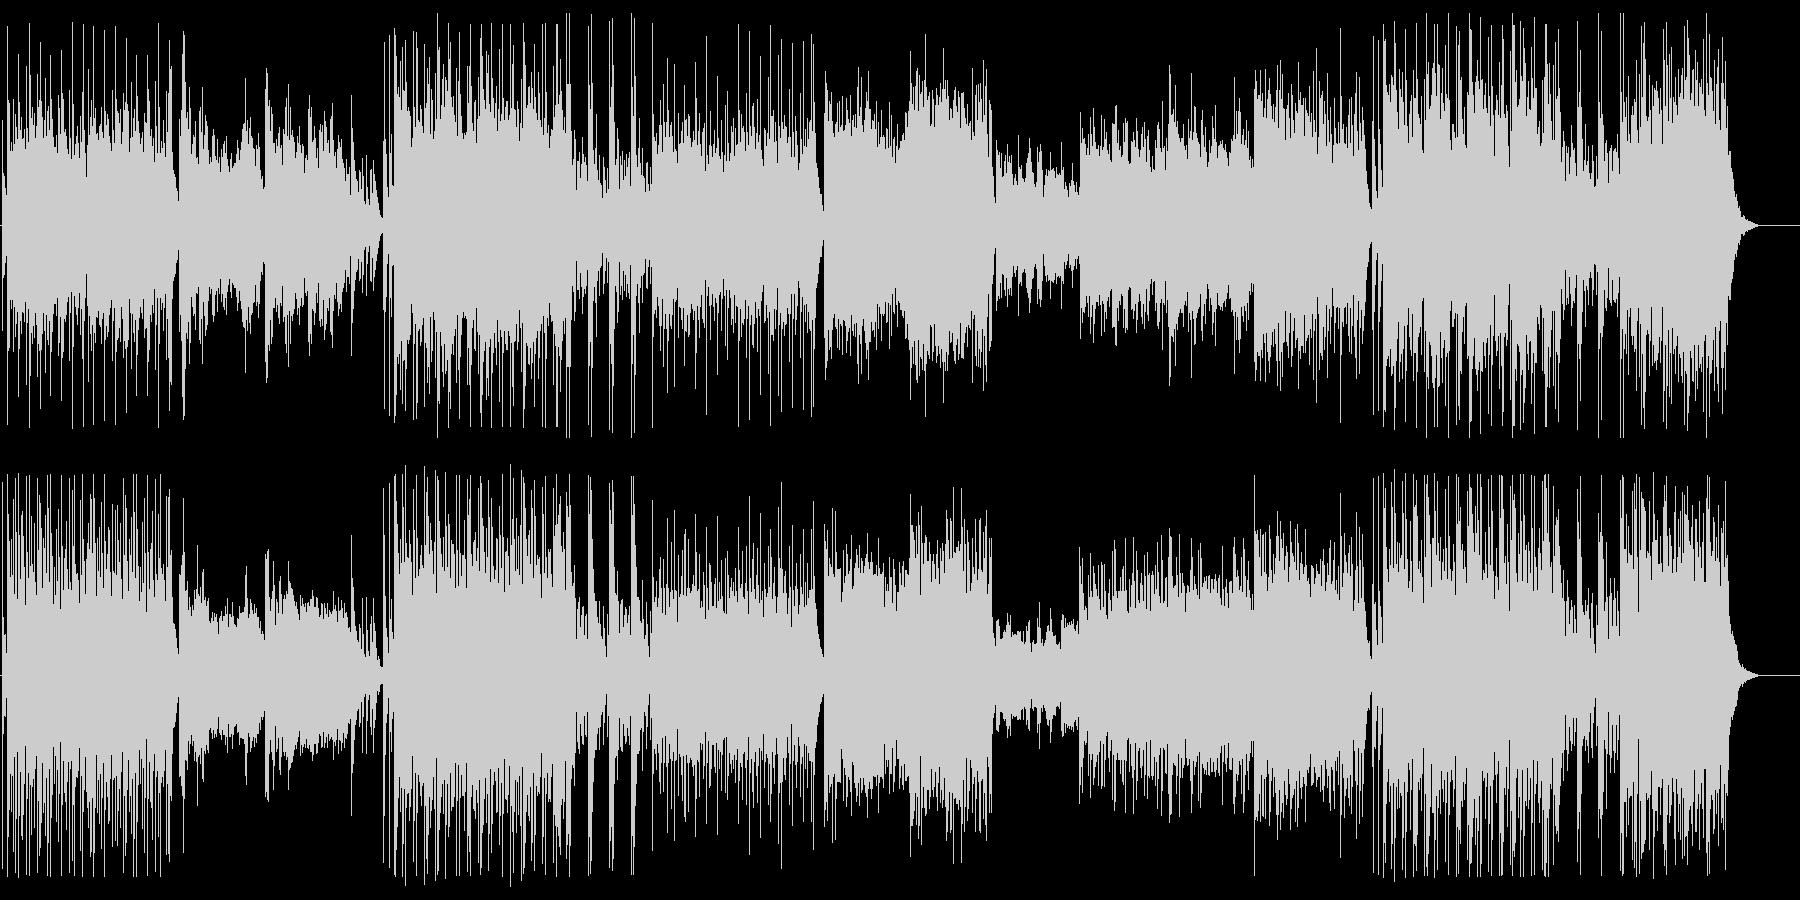 現代的にアレンジされた和楽器による邦楽の未再生の波形